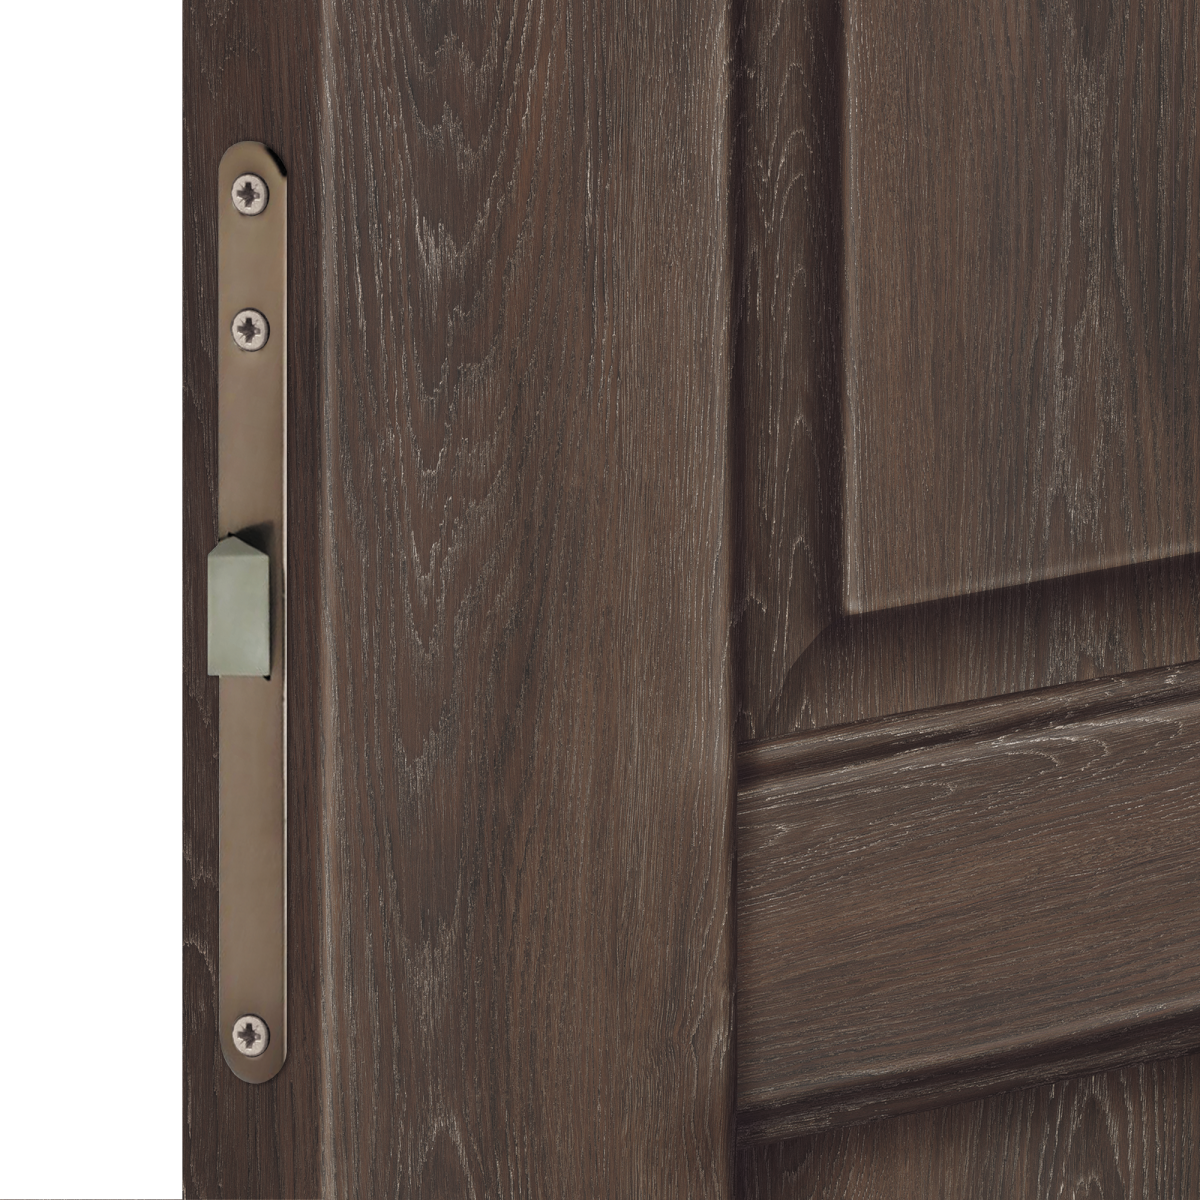 Дверь Межкомнатная Глухая «Летиция» 70x200 Пвх Цвет Дуб Корица С Фурнитурой